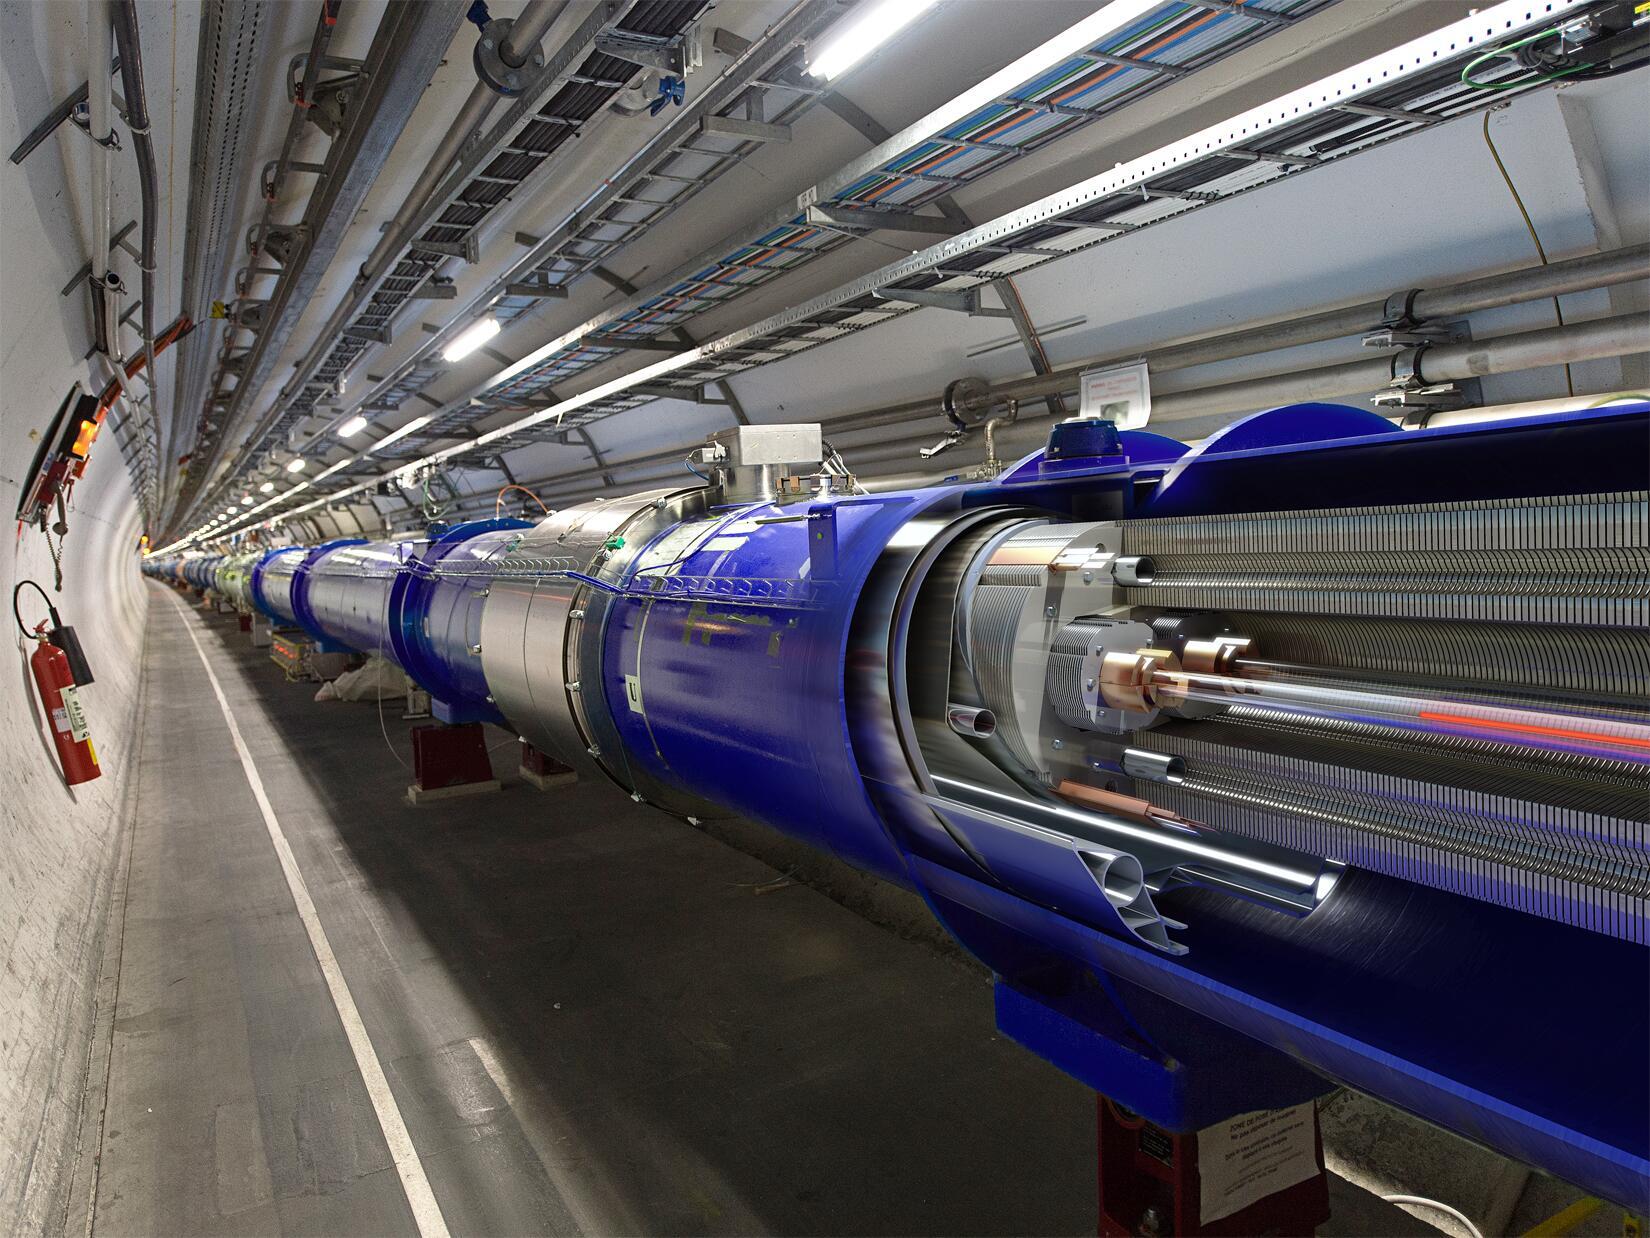 Bild zu LHC CERN Large Hadron Collider